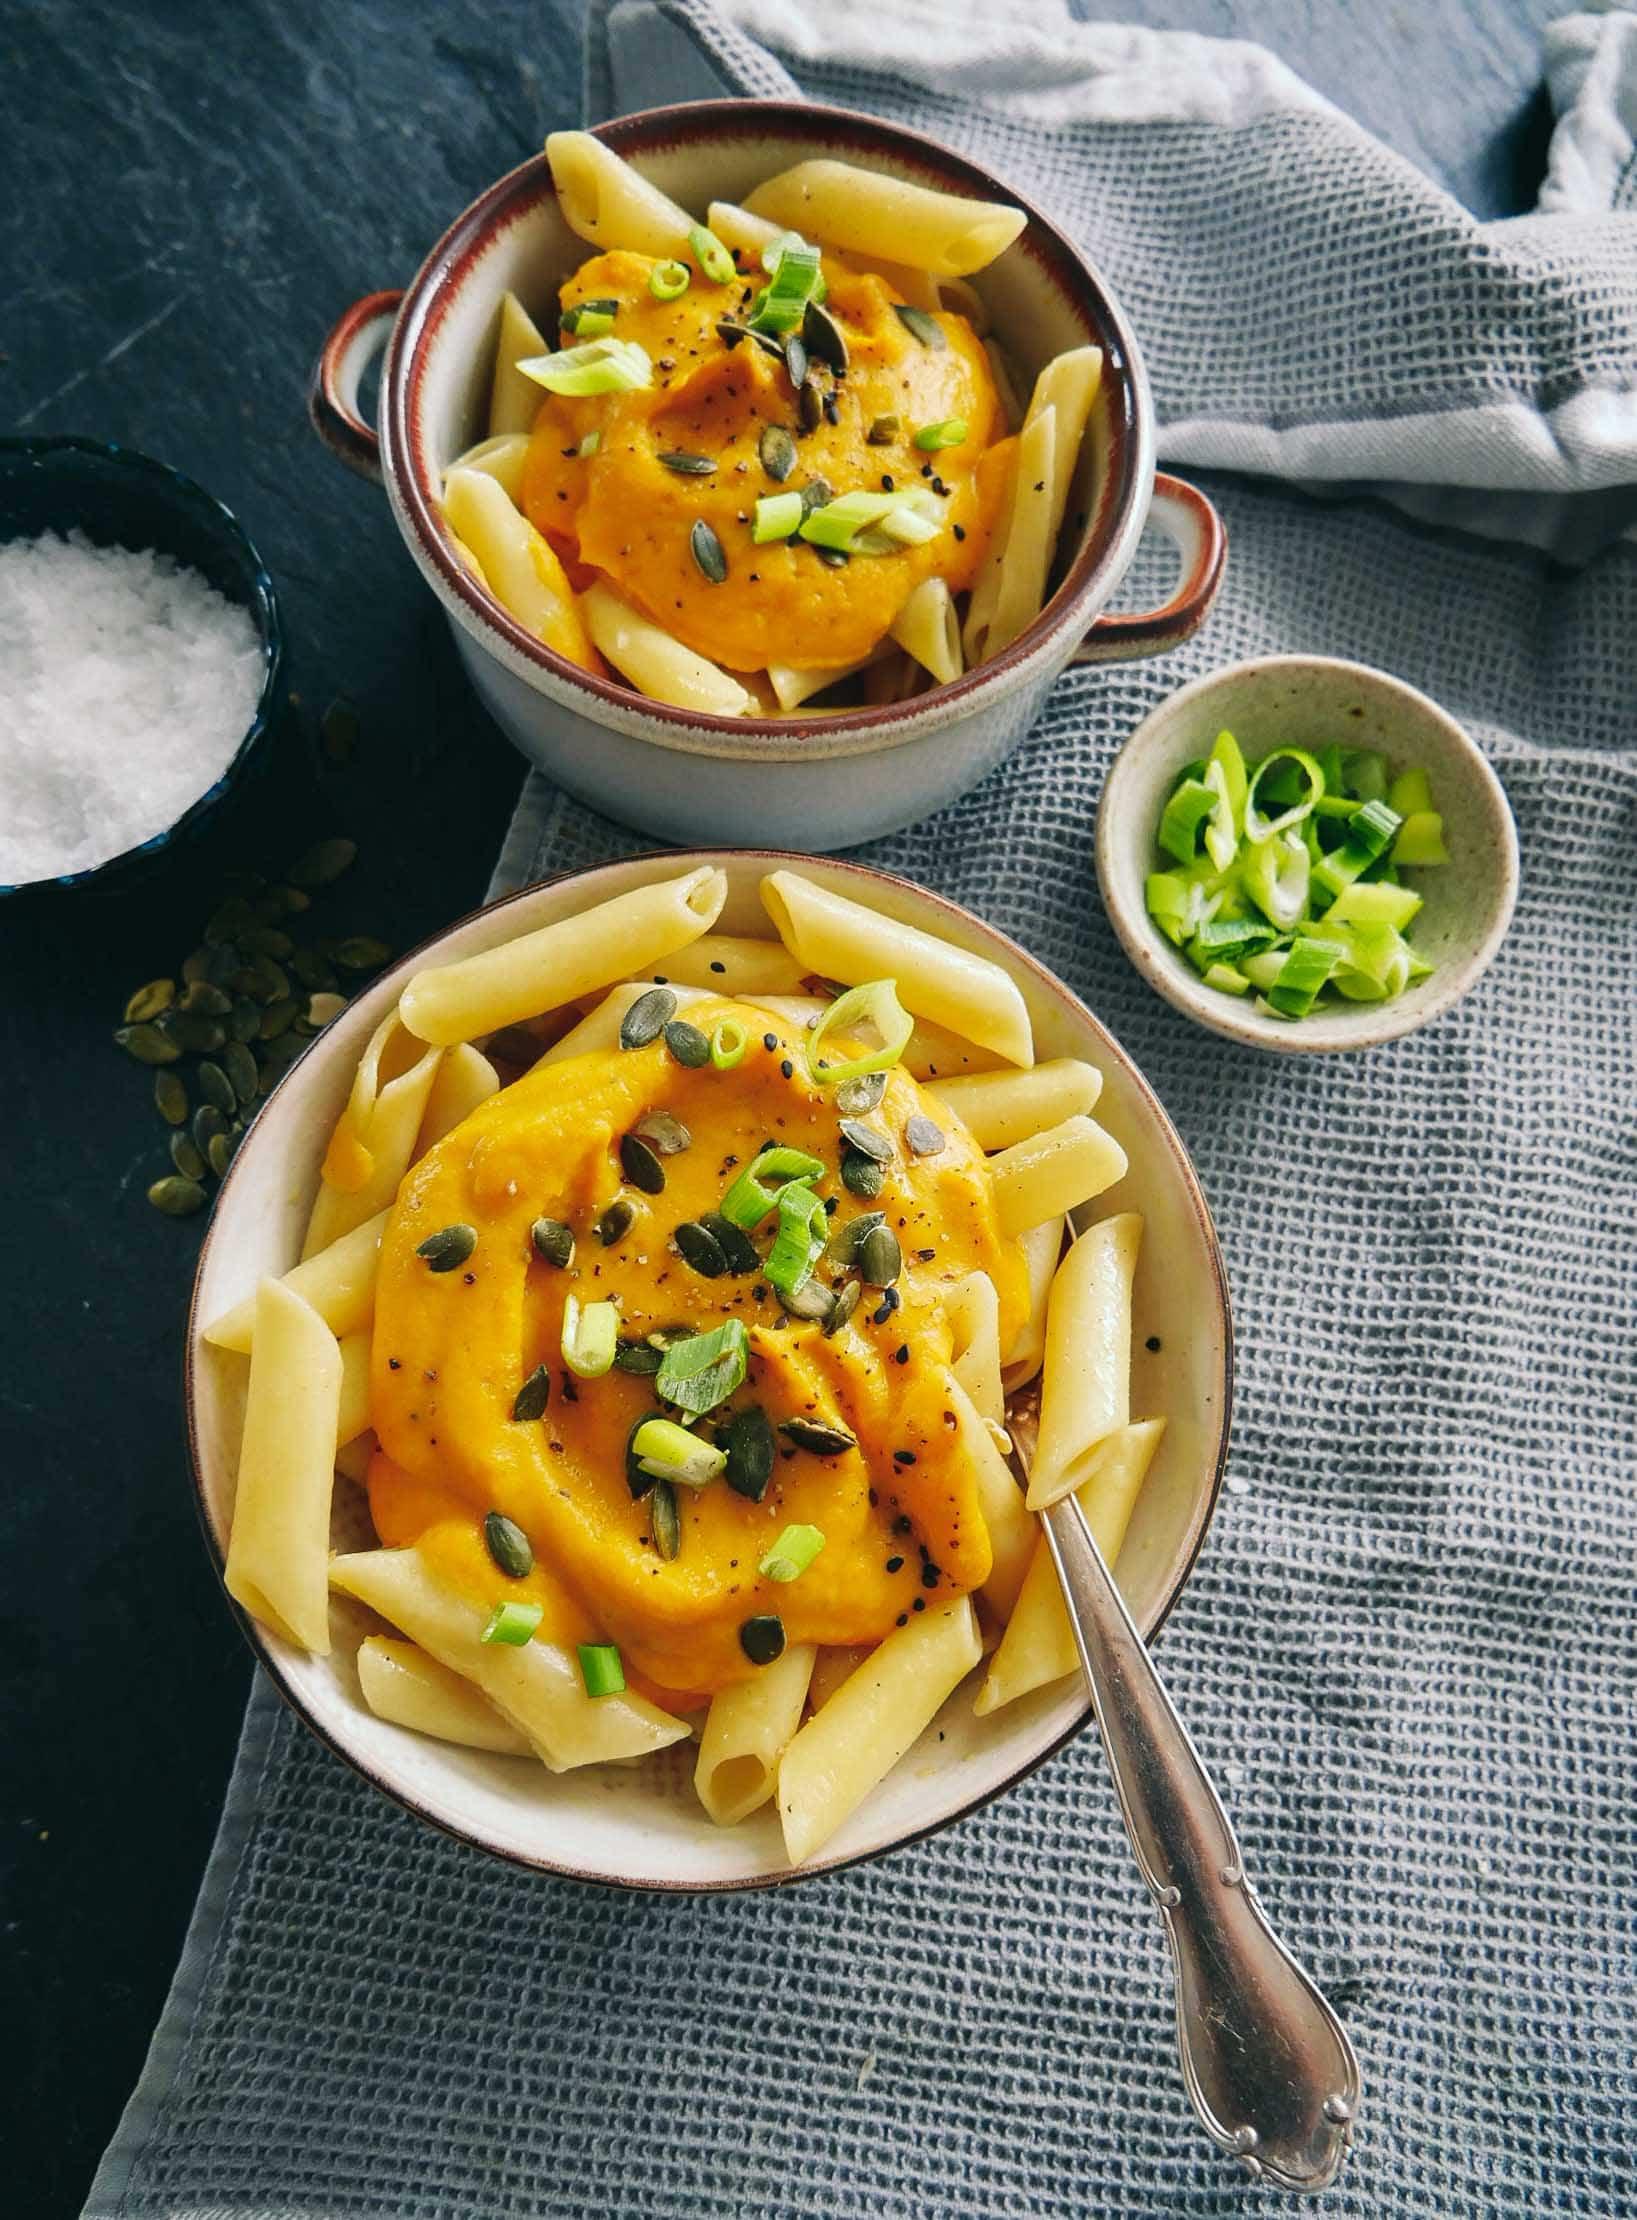 butternut squash recipe with pastas